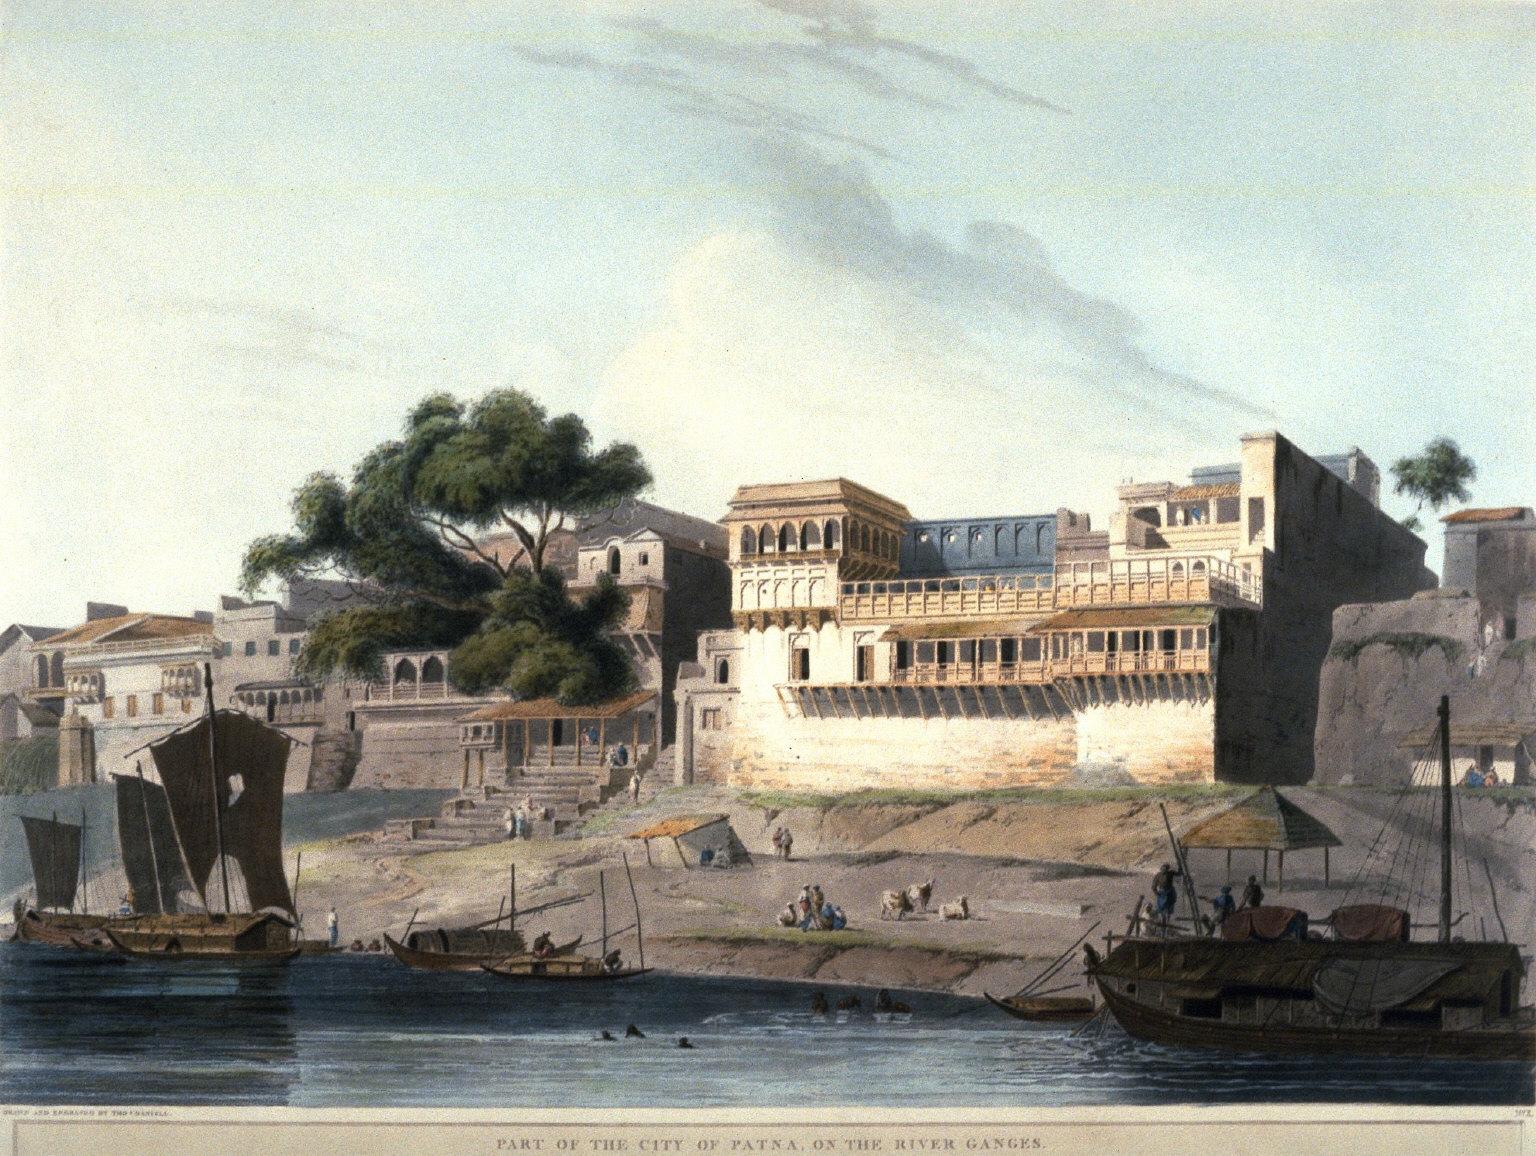 City of Patna on River Ganges